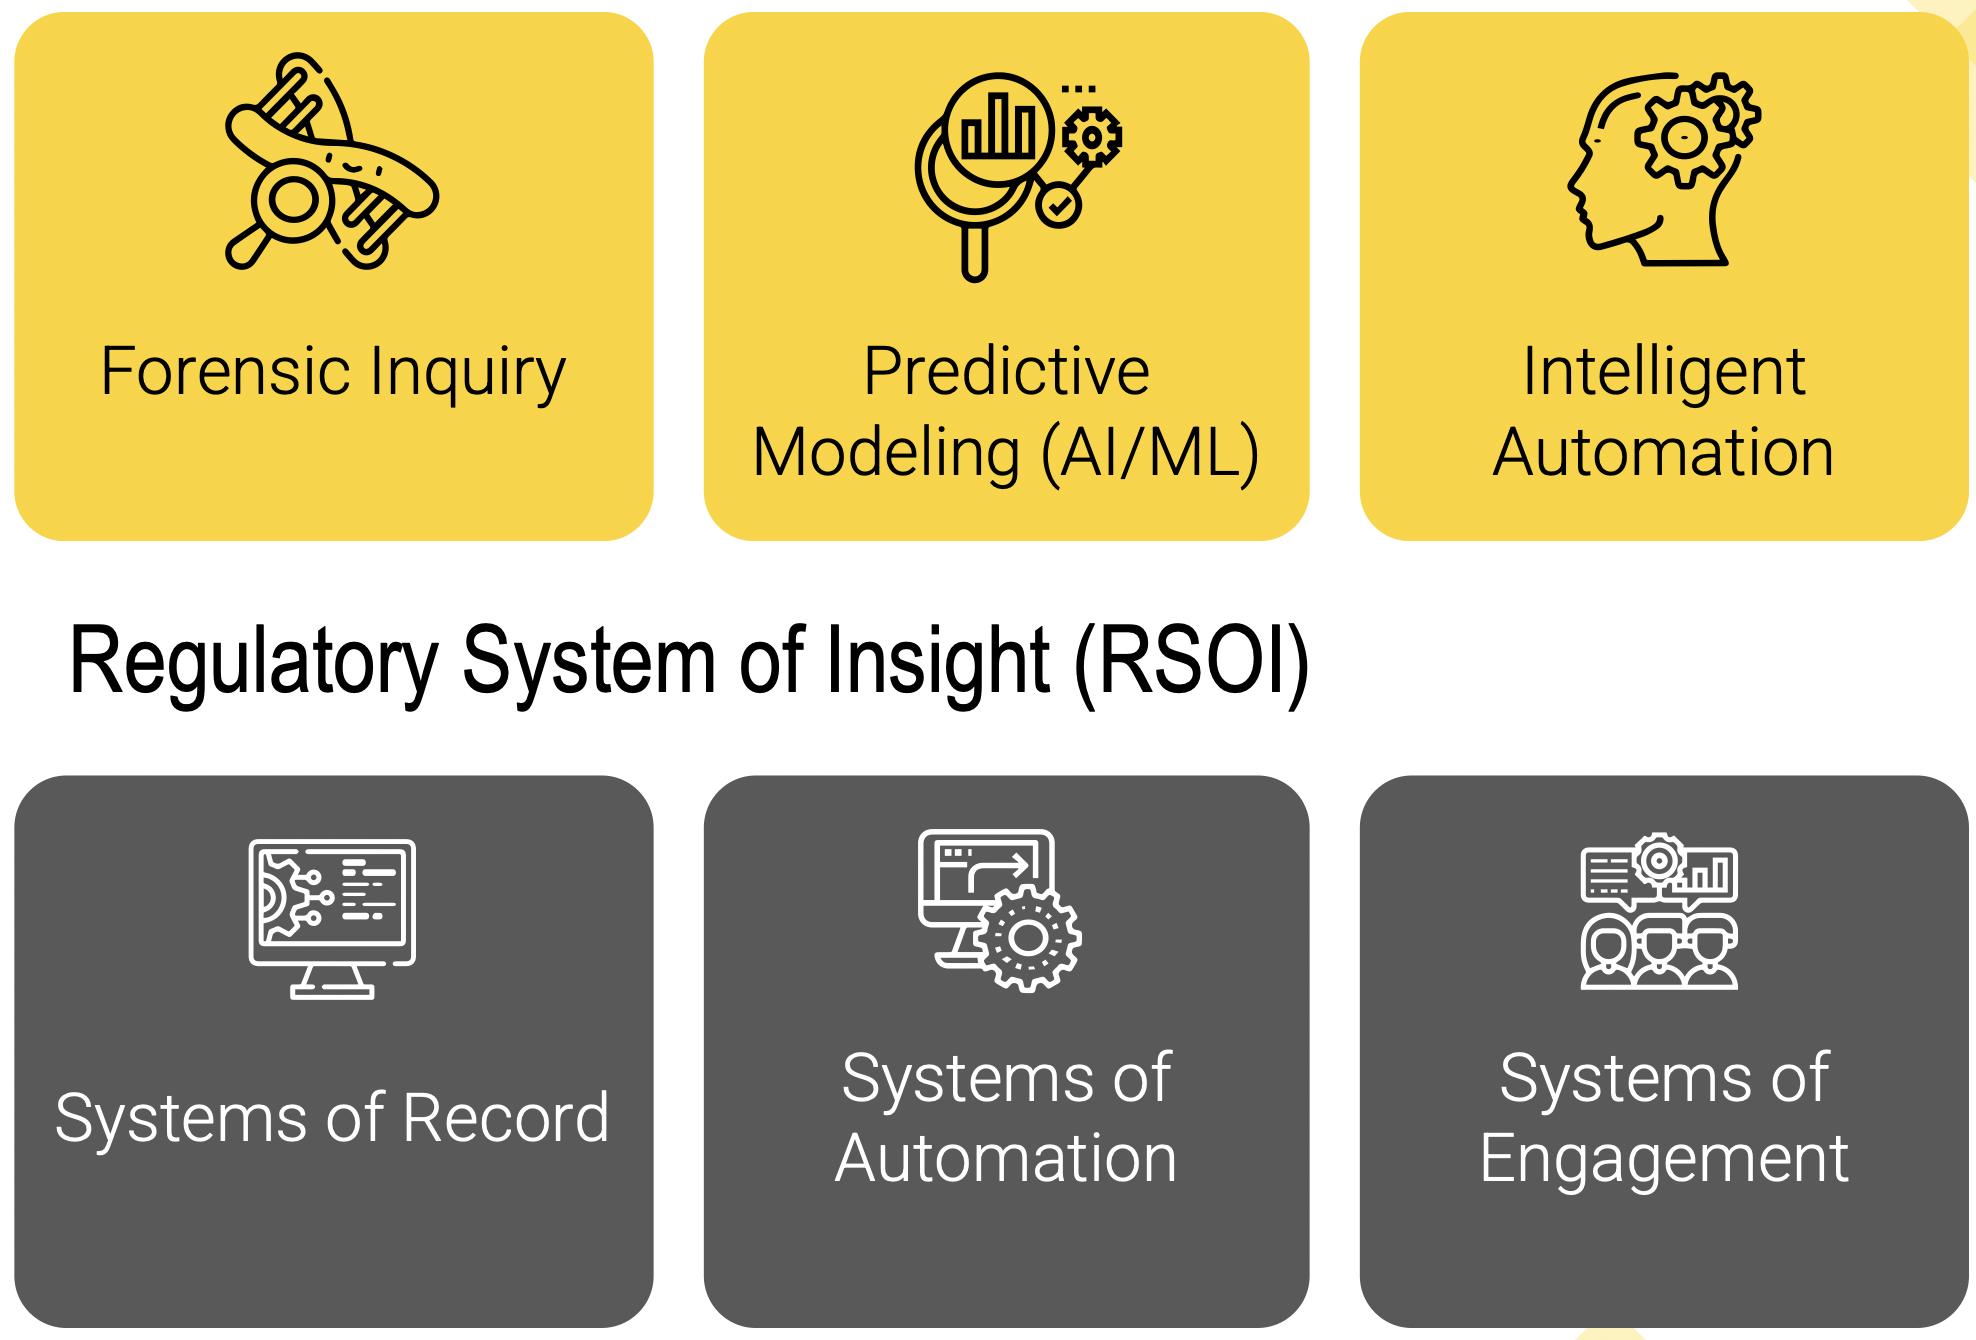 Regulatory System of Insight